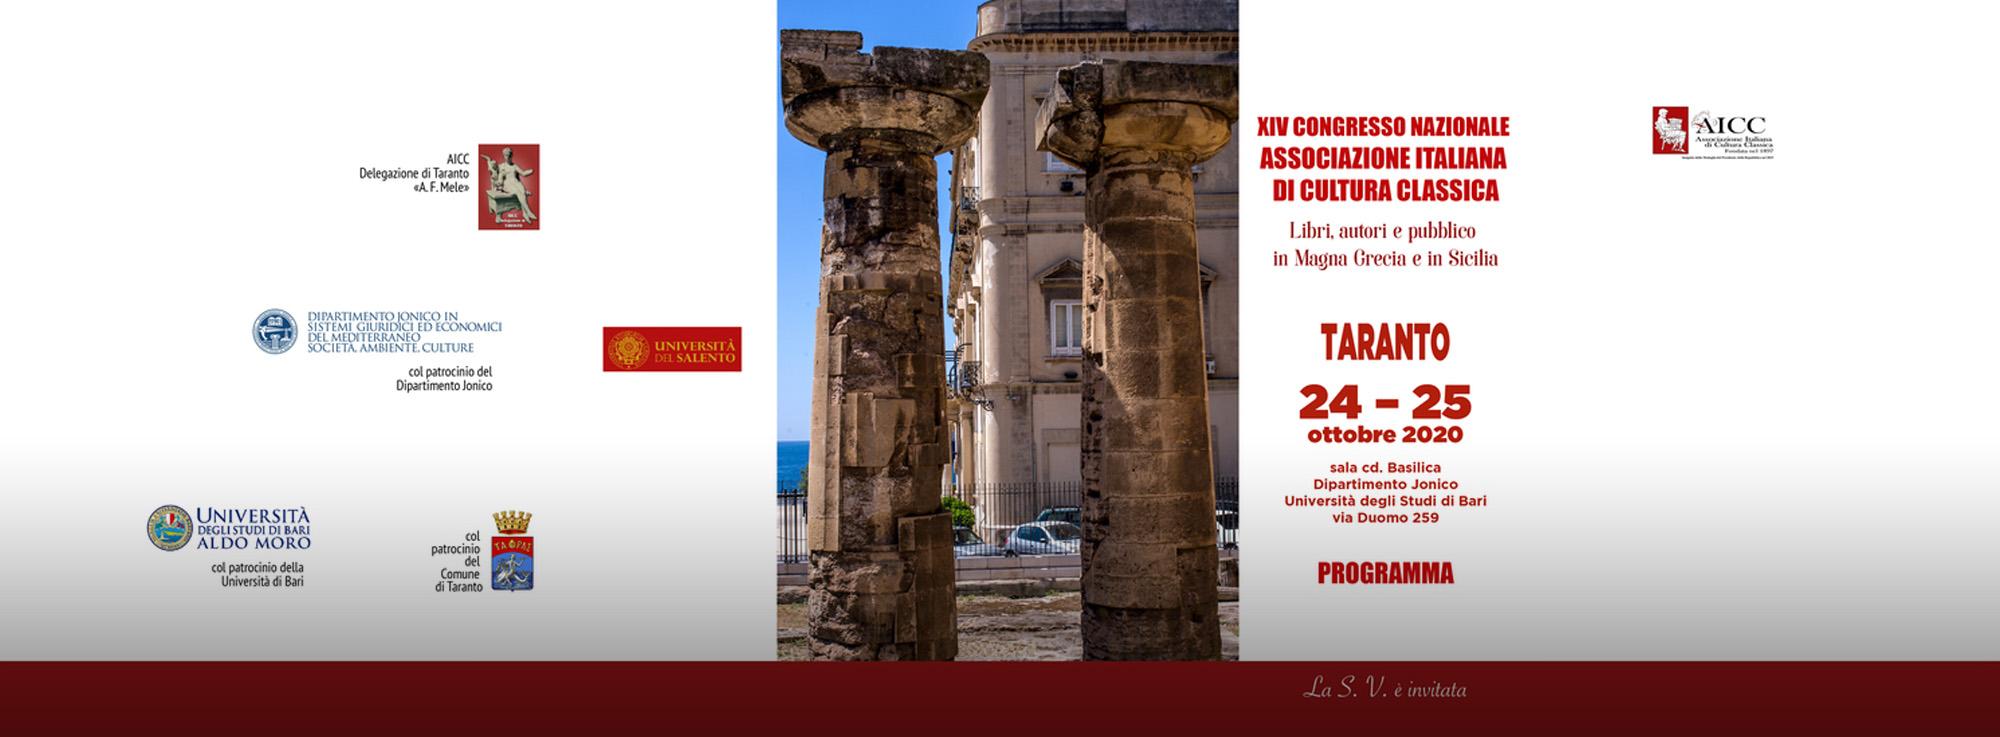 Taranto: XIV Congresso Nazionale AICC